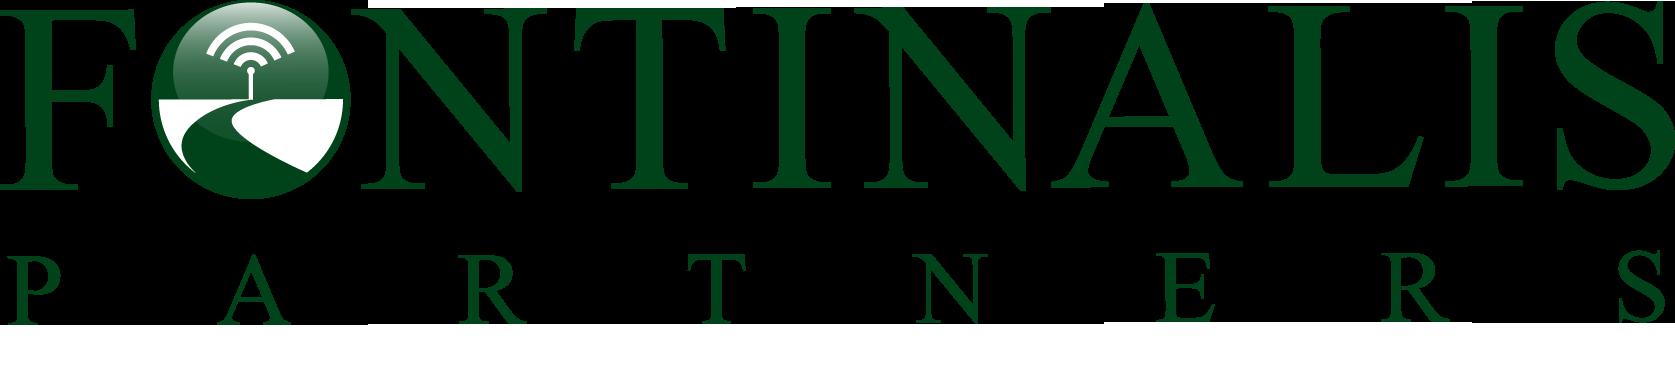 Fontinalis Partners